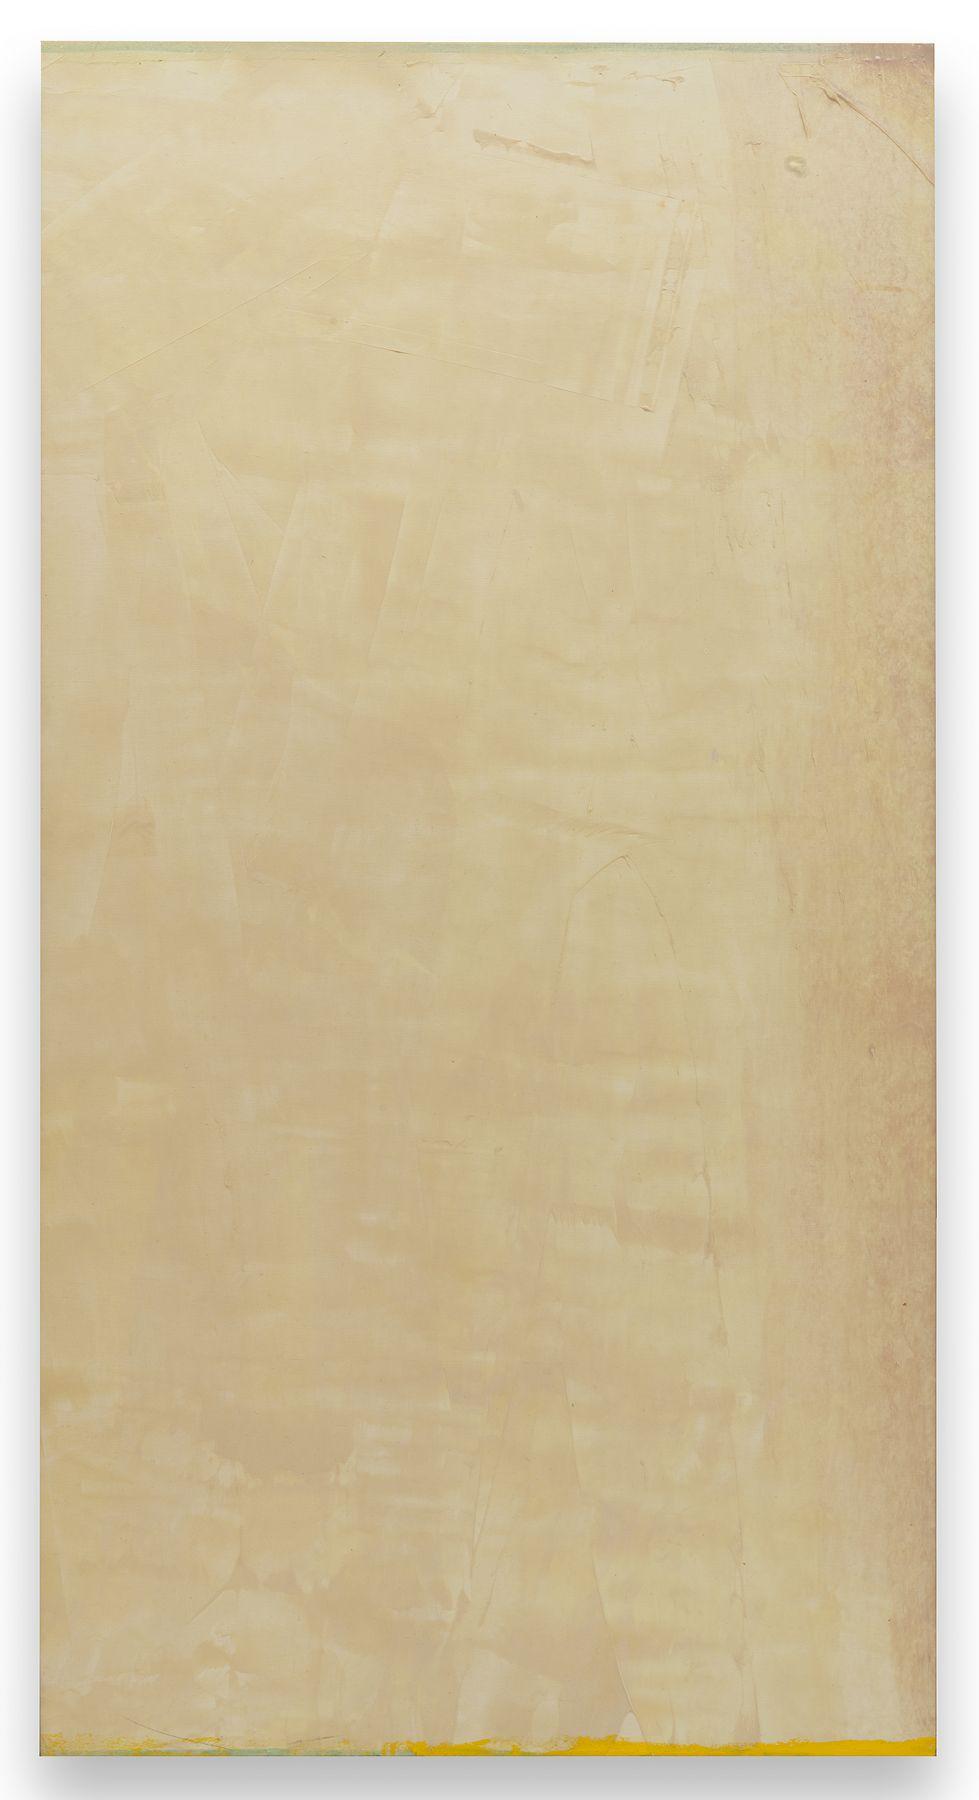 11th Radical Love, 1972, Acrylic on canvas